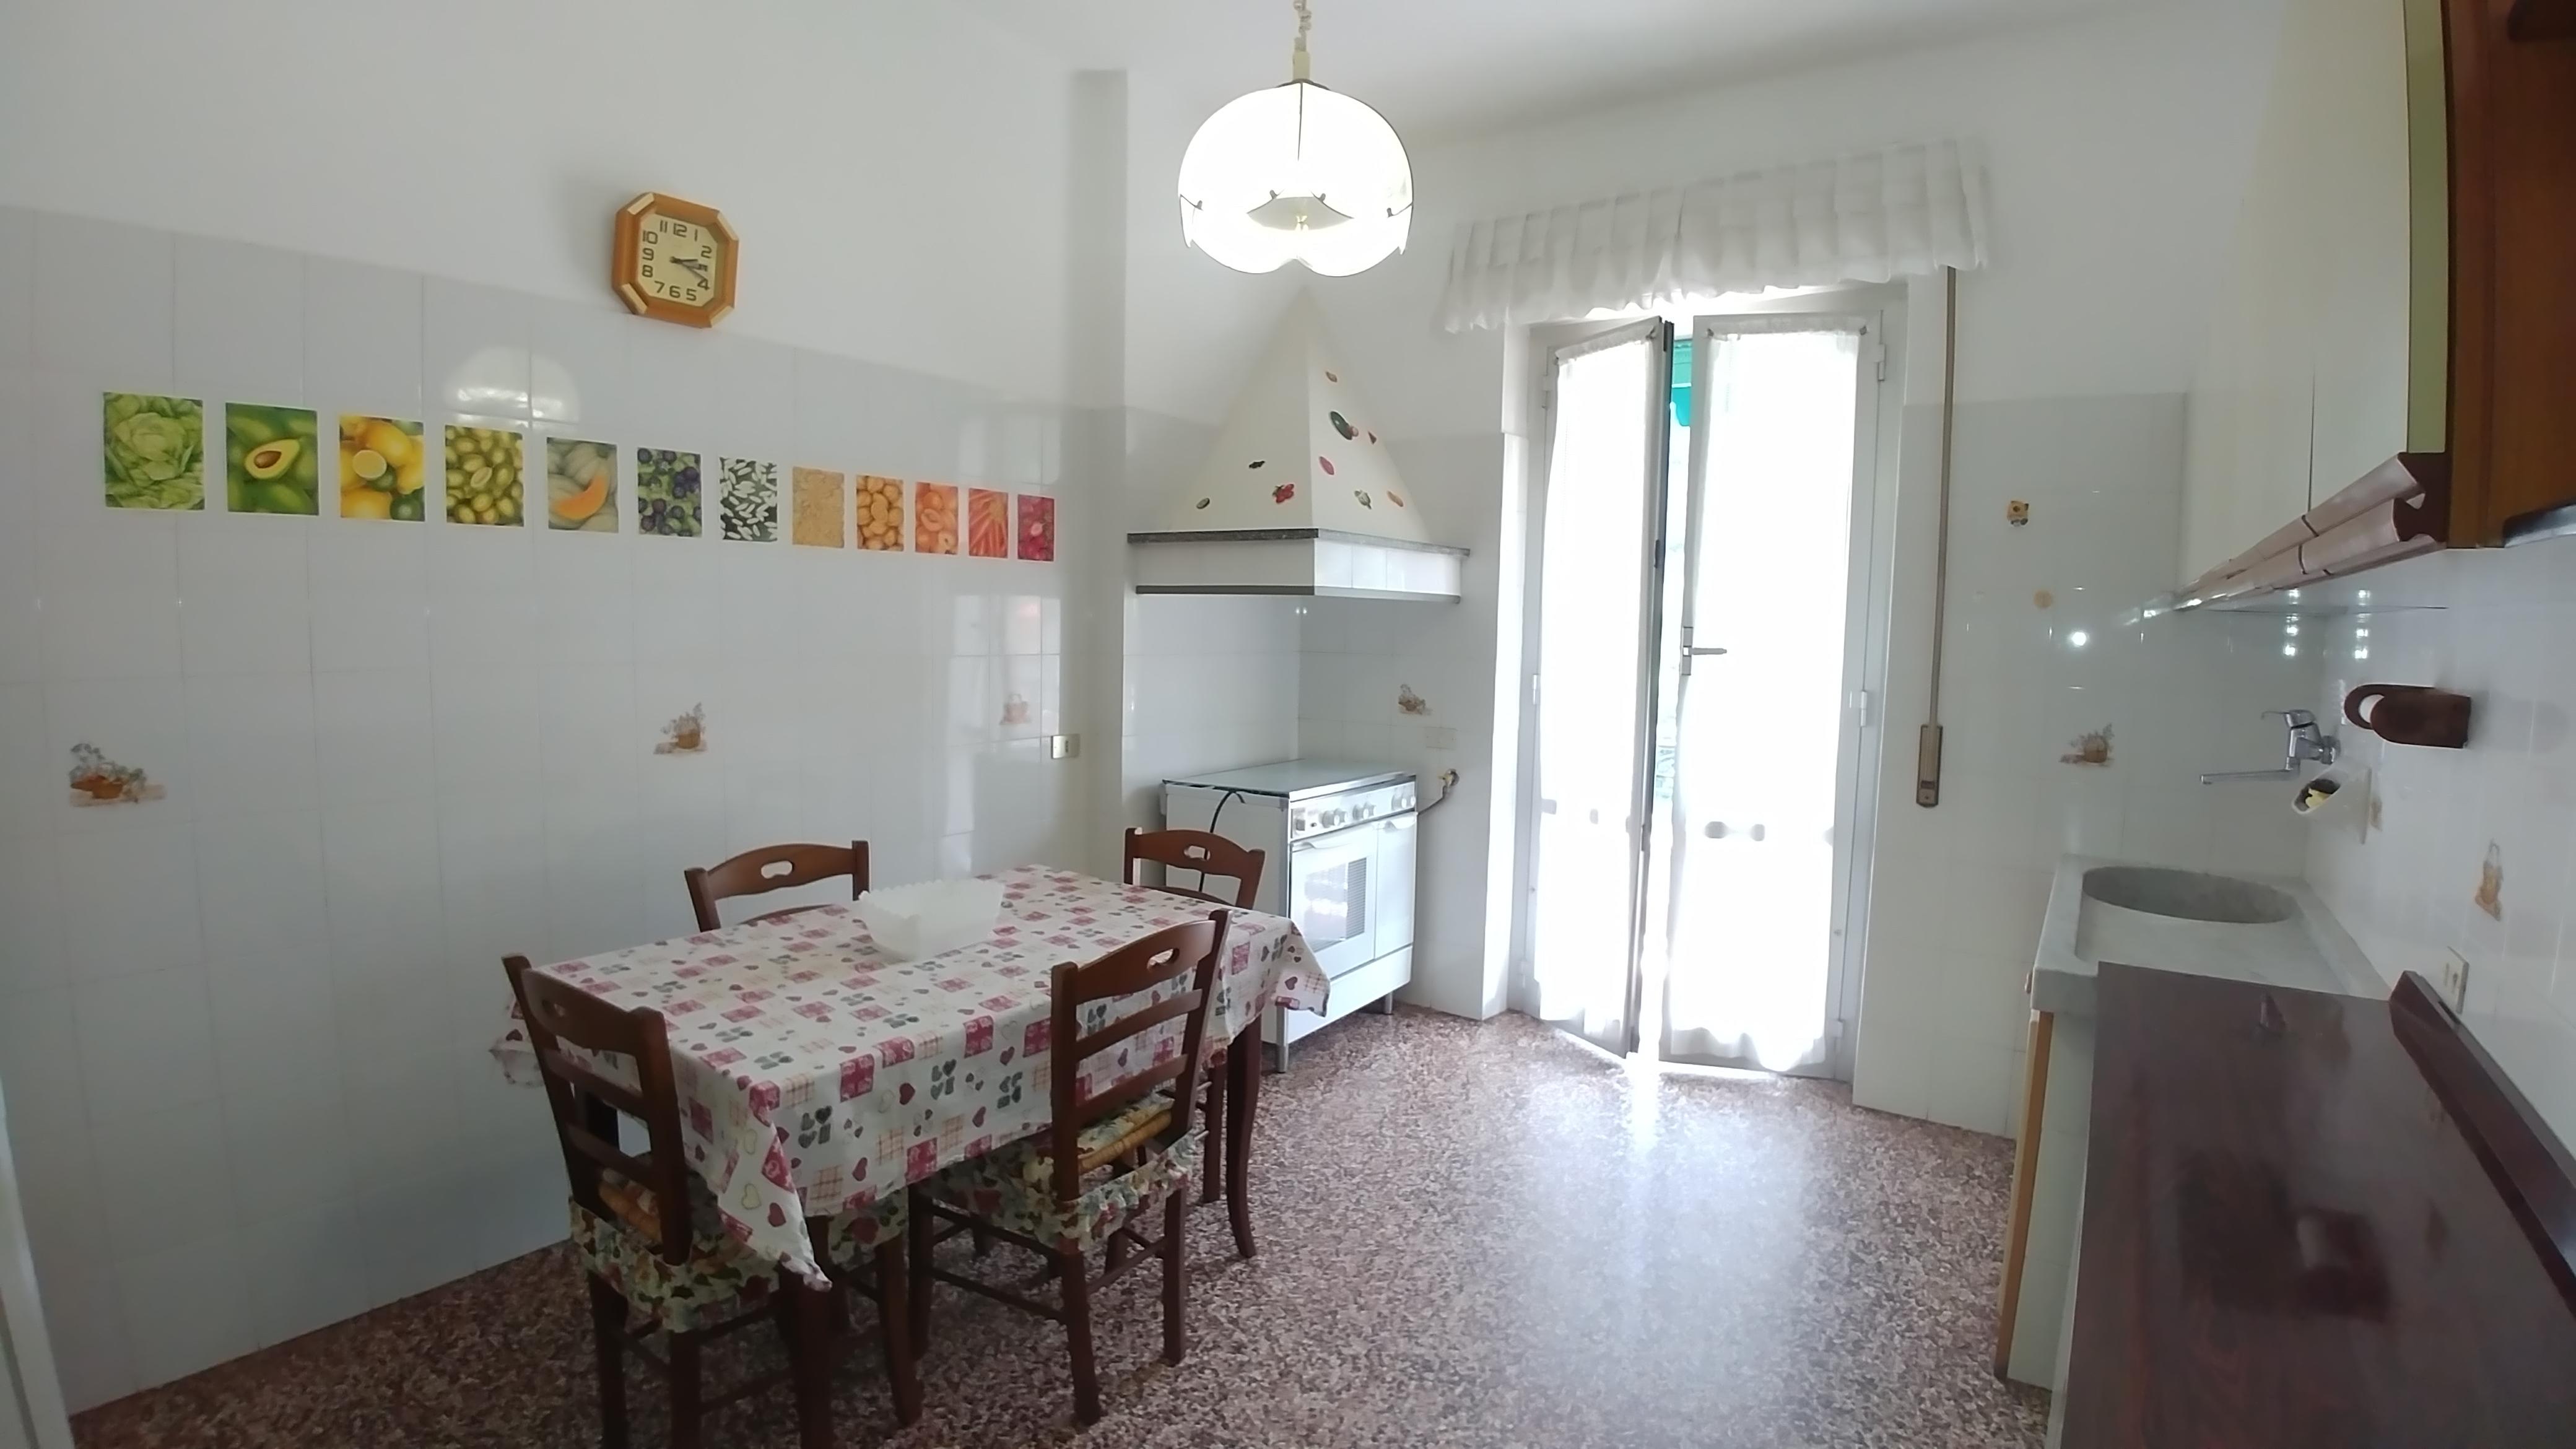 Appartamento arredato affitto bolzaneto mariella immobiliare for Affitto arredato genova